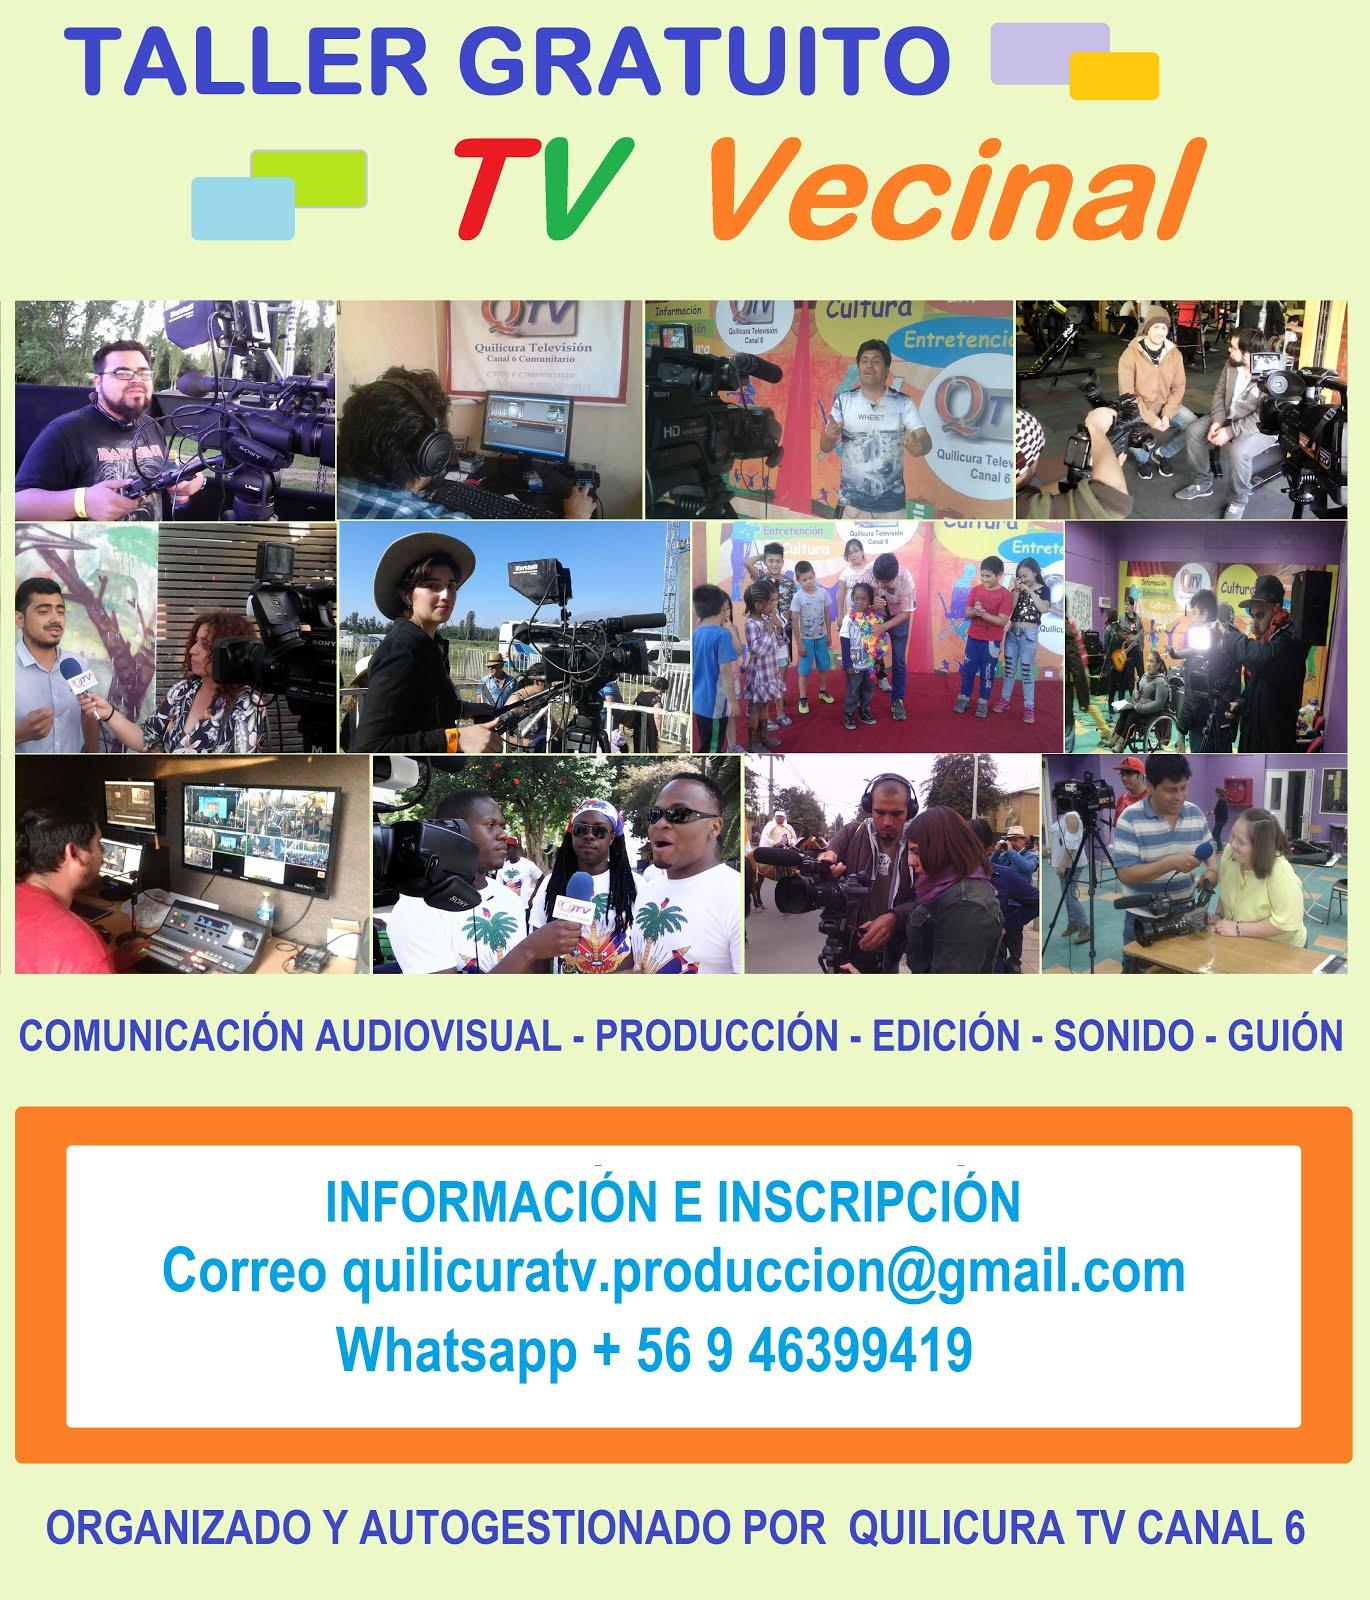 TALLER DE TV VECINAL Gratuito